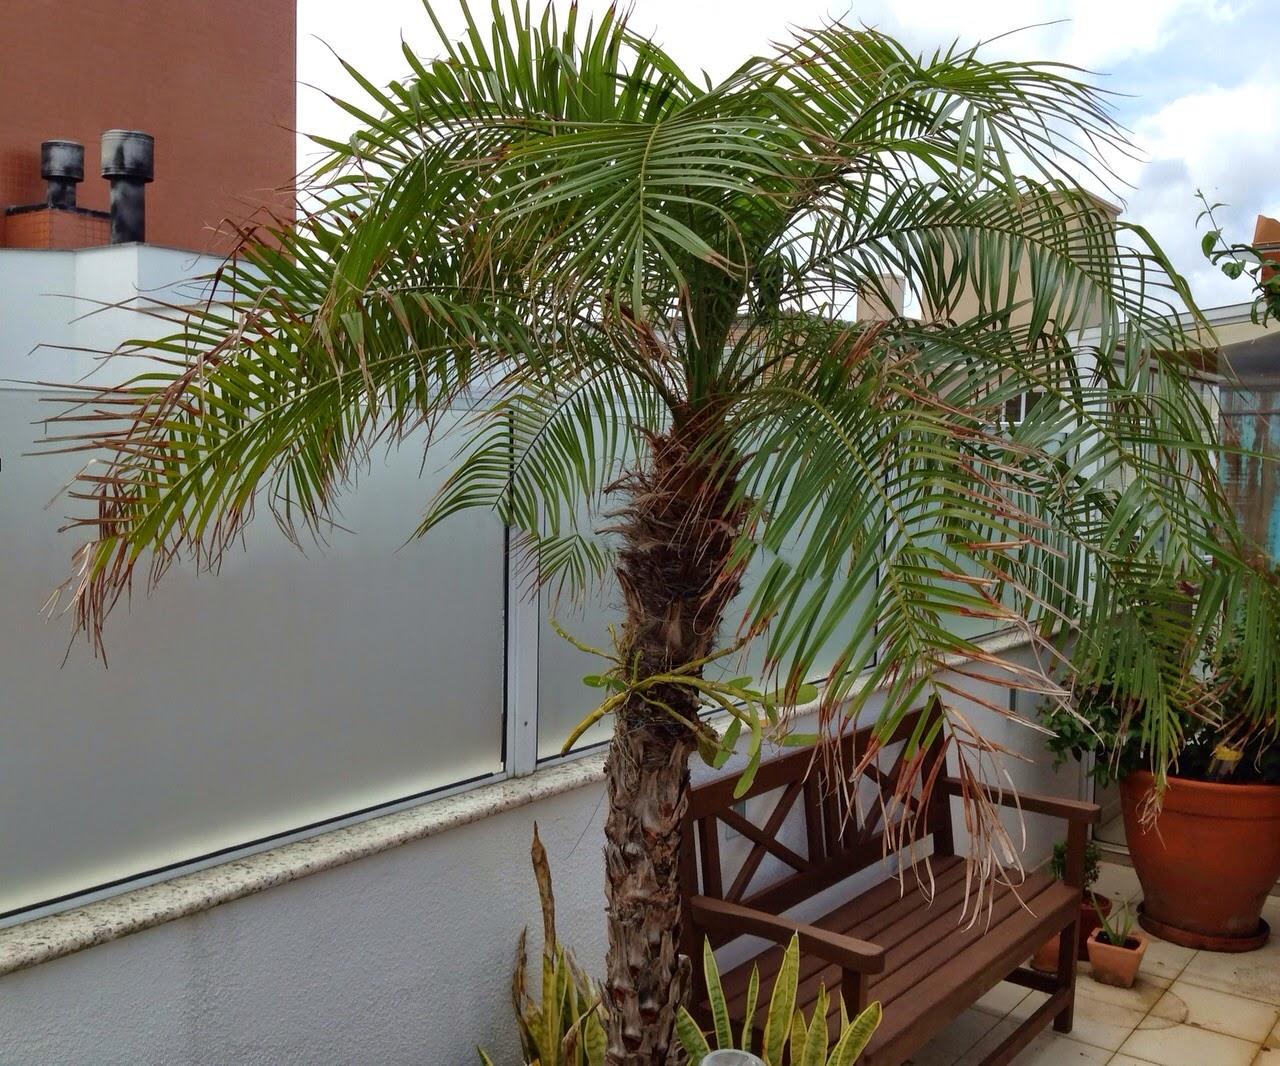 Cobertura Apartamento Para Aluguel de Temporada no Novo Campeche  #373218 1280x1066 Banheiro Cachorro Apartamento